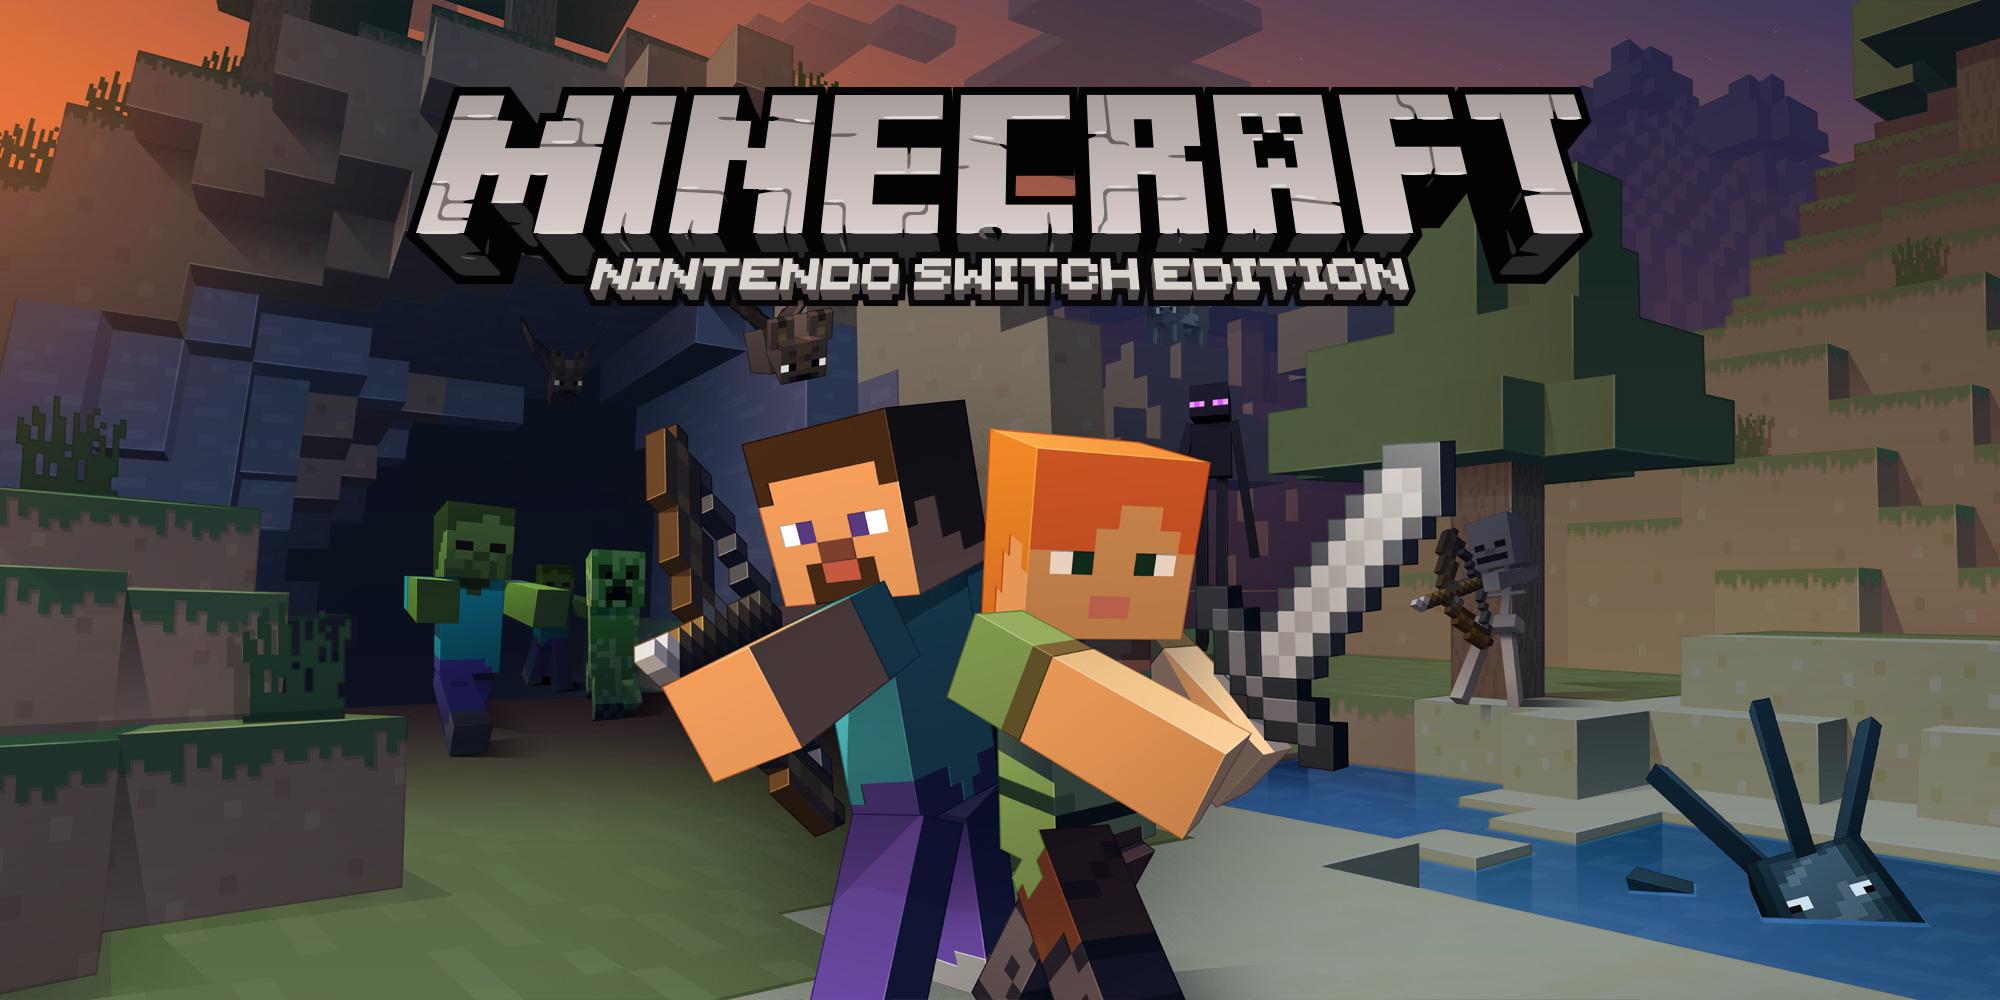 Jetzt Im Nintendo EShop Minecraft Nintendo Switch Edition News - Minecraft zu zweit spielen pc online